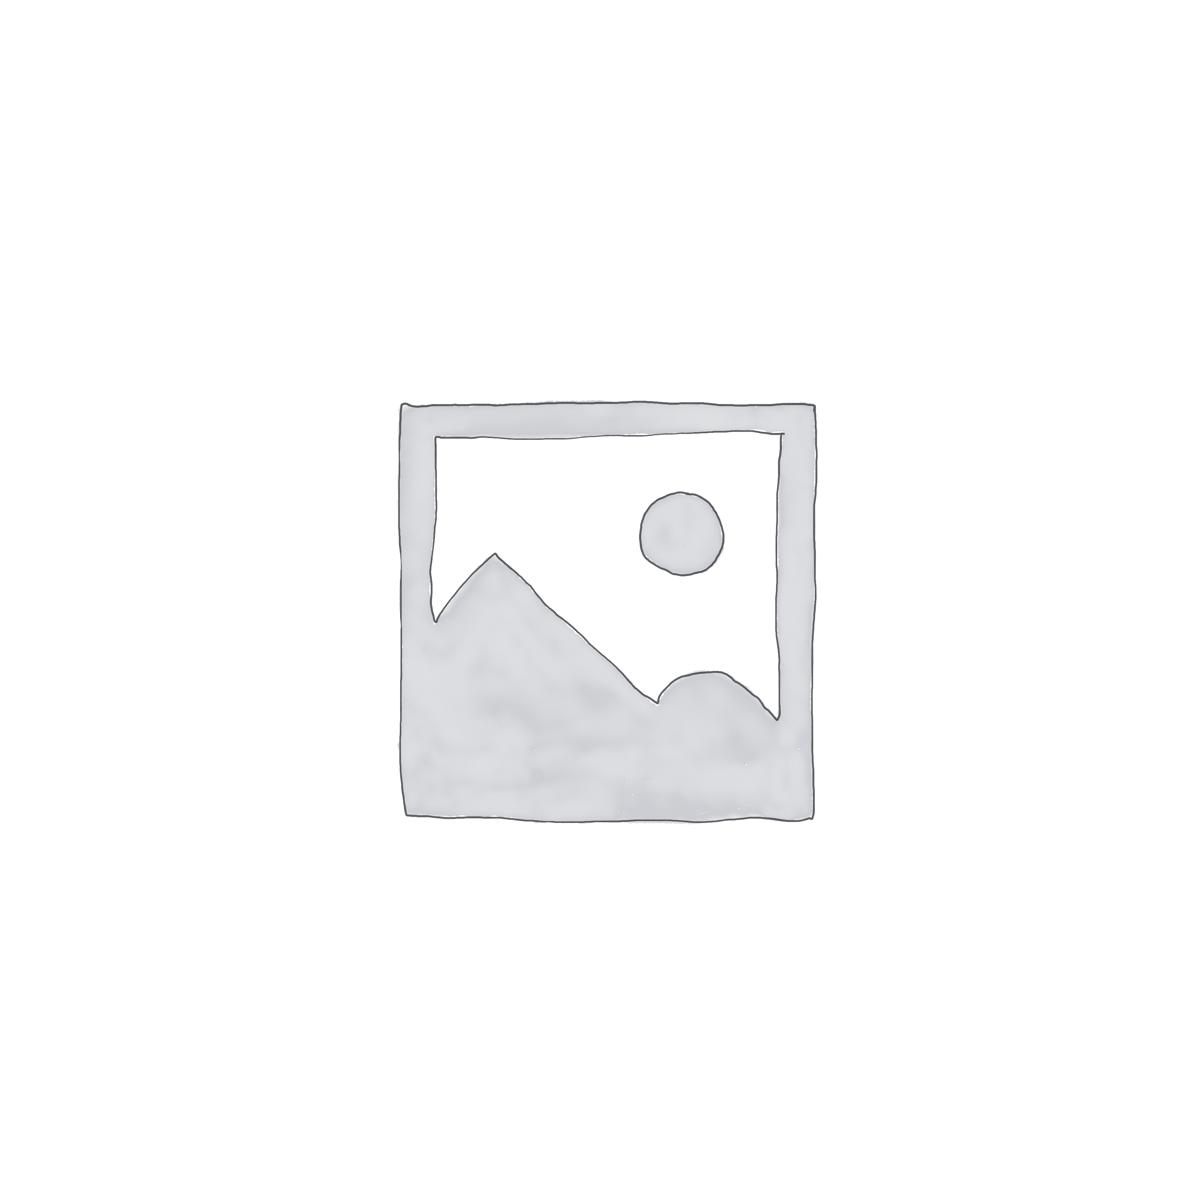 Жидкие гвозди, экспресс, прозрачный, 310мл, KOLT